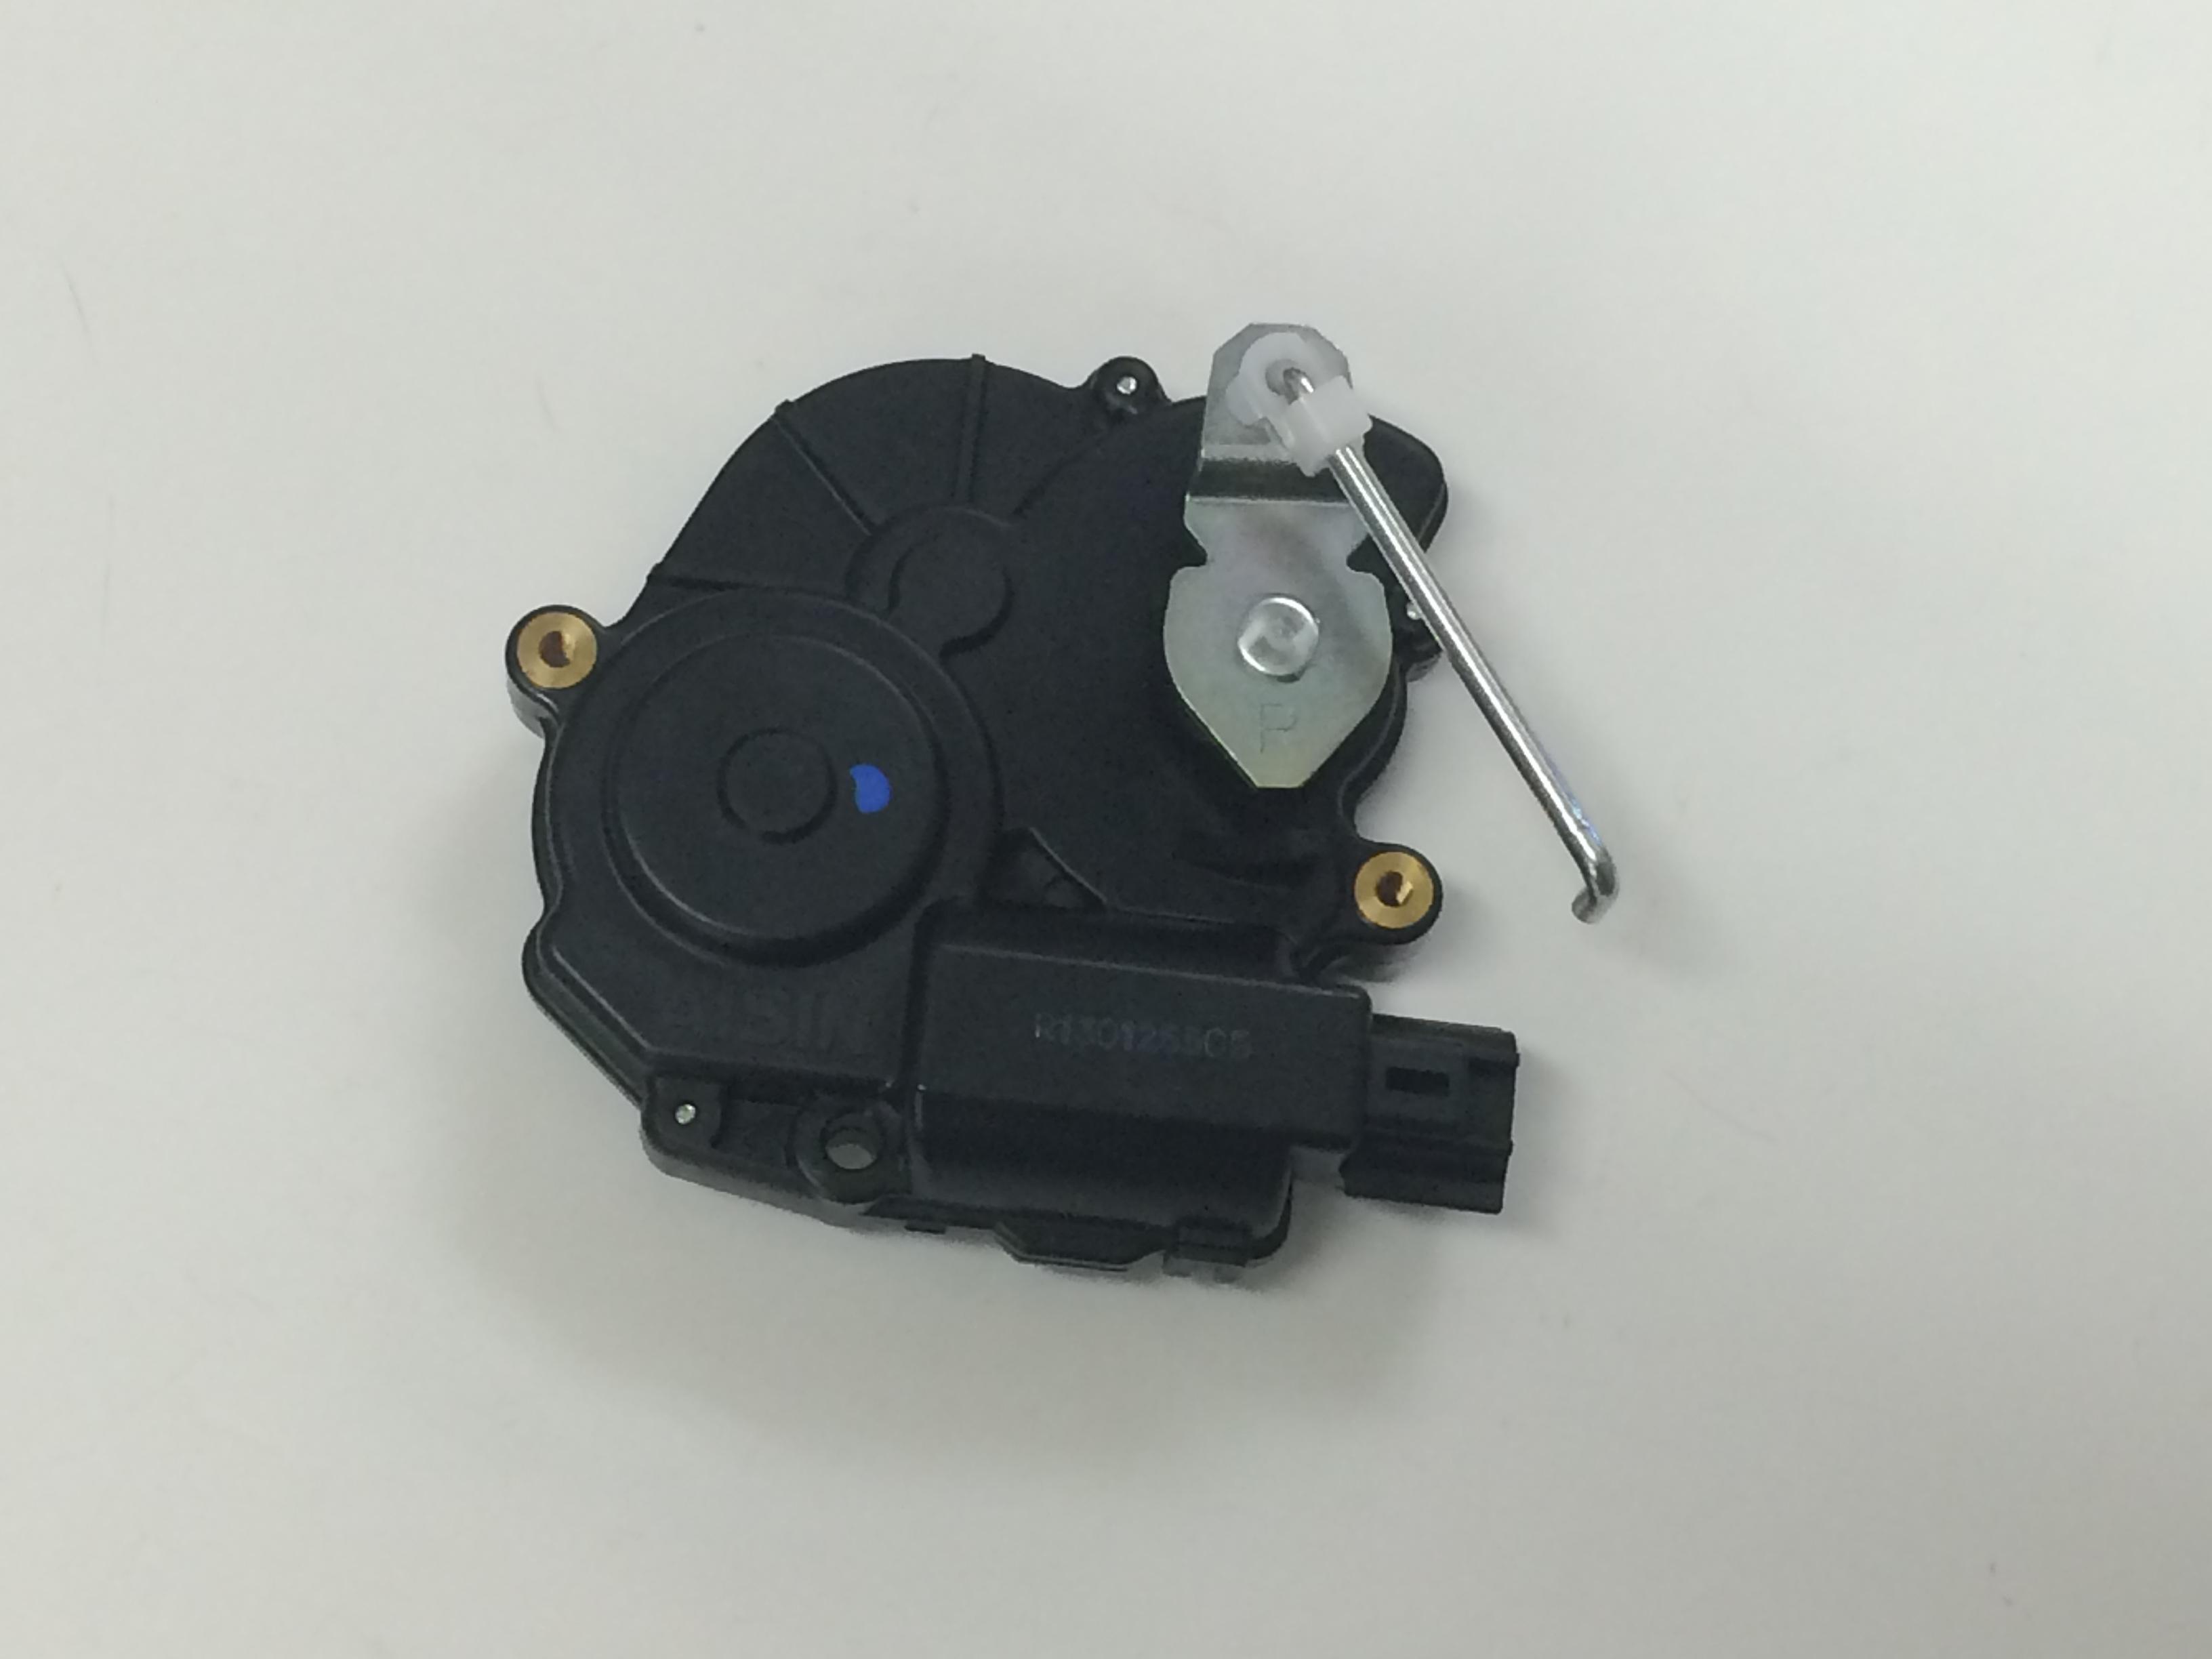 Toyota Oem Sliding Door Motor For Sienna 2007 10 85620 08061